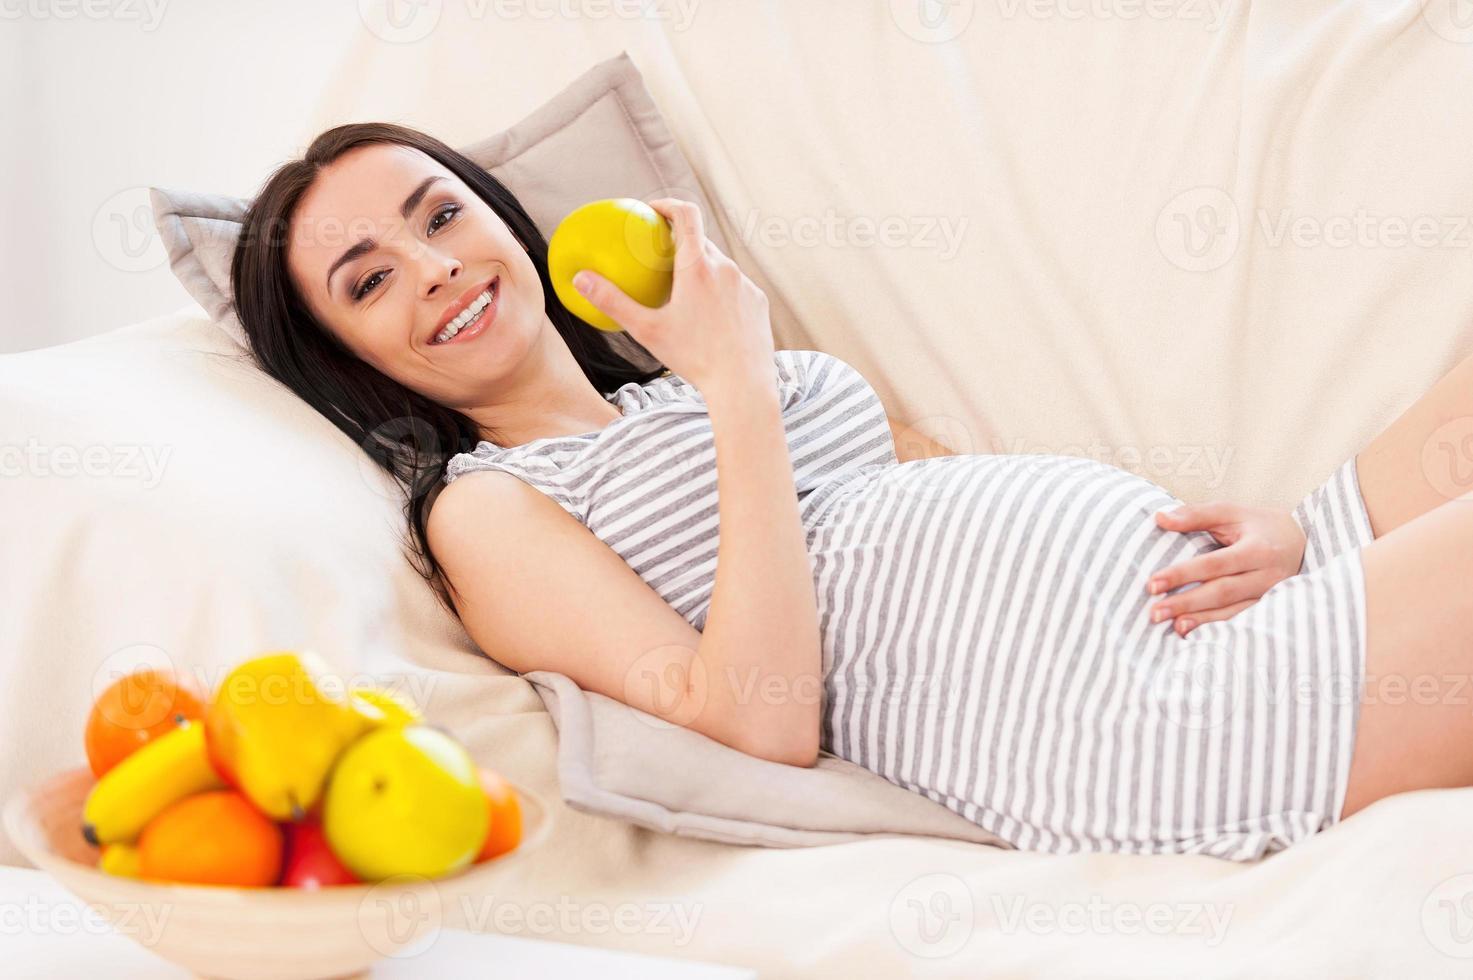 alimentação saudável para mim e meu bebê. foto